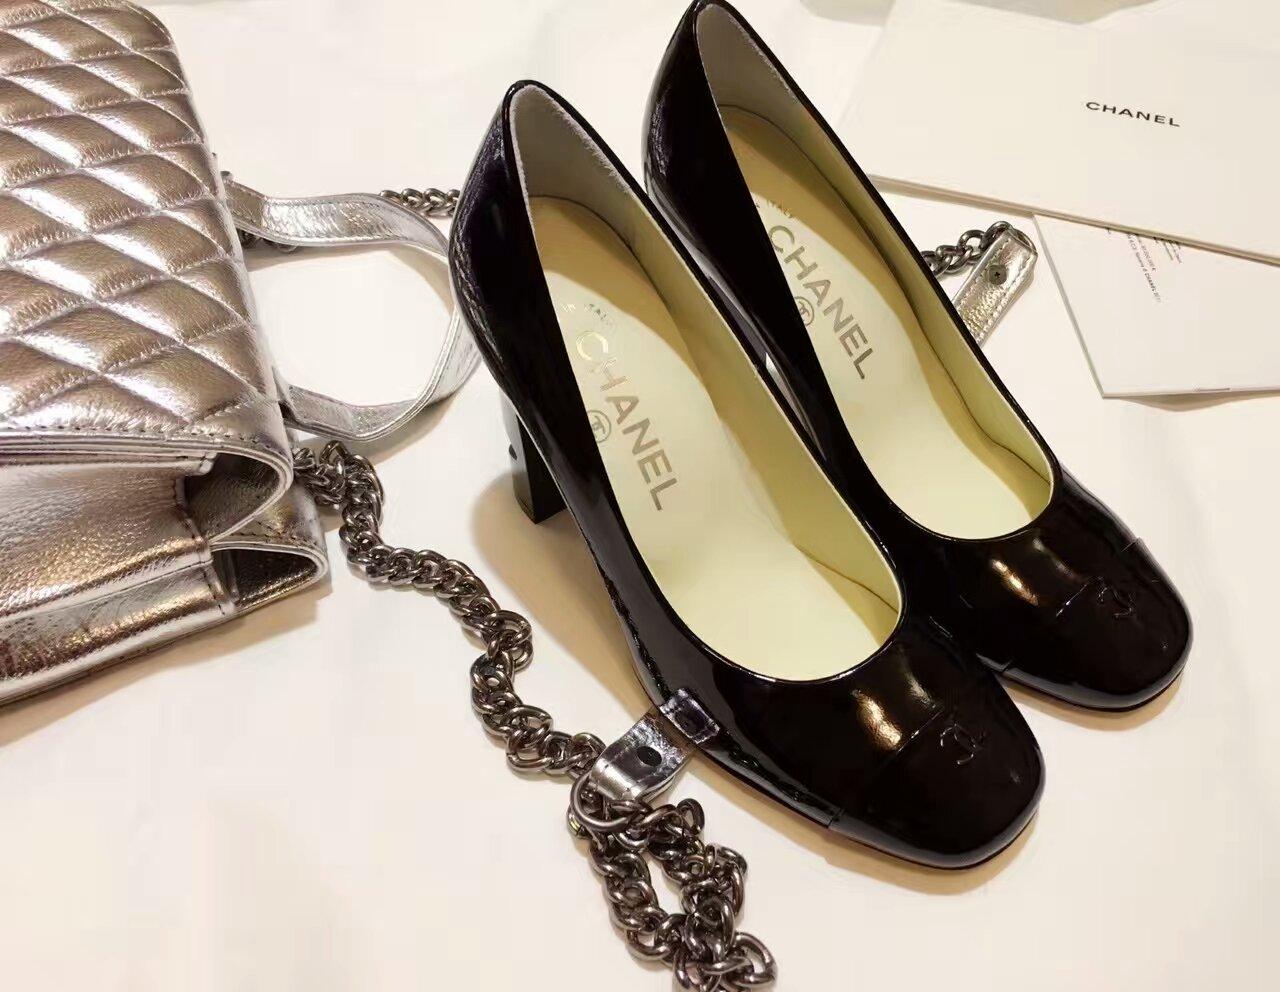 Chanel 16顶级明星限量版高跟单鞋